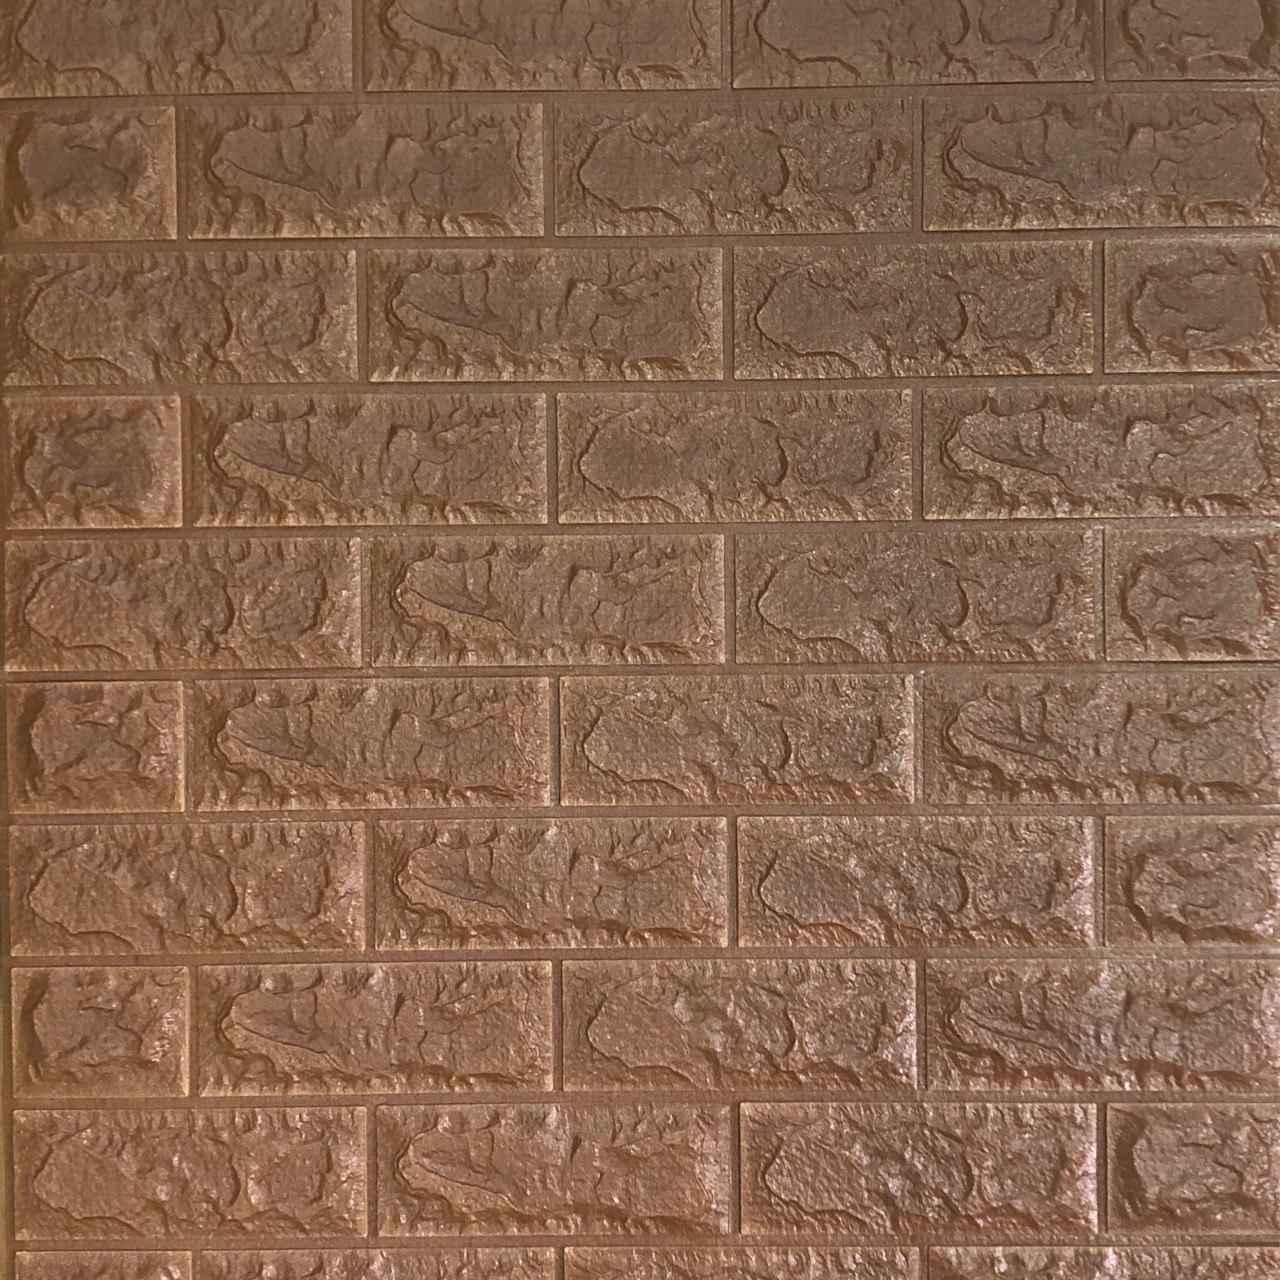 3д панель стіновий декоративний Коричневий Цегла (самоклеючі 3d панелі для стін оригінал) 700x770x5 мм